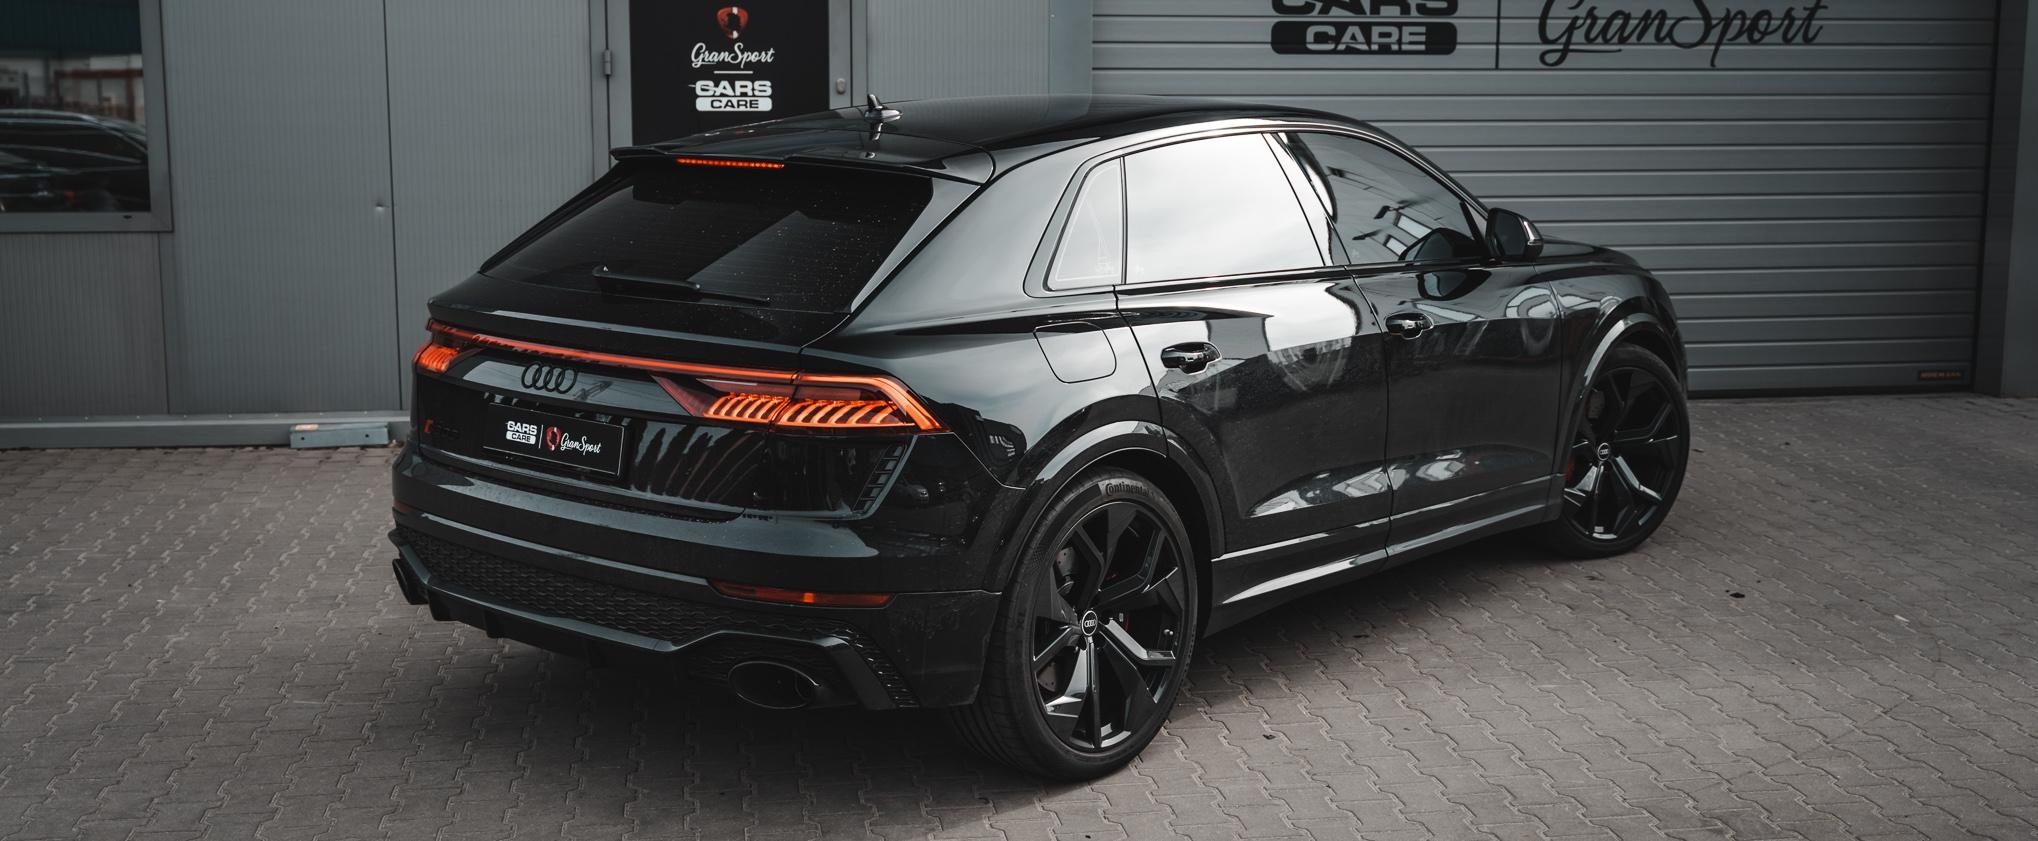 Audi RSQ8 Capristo